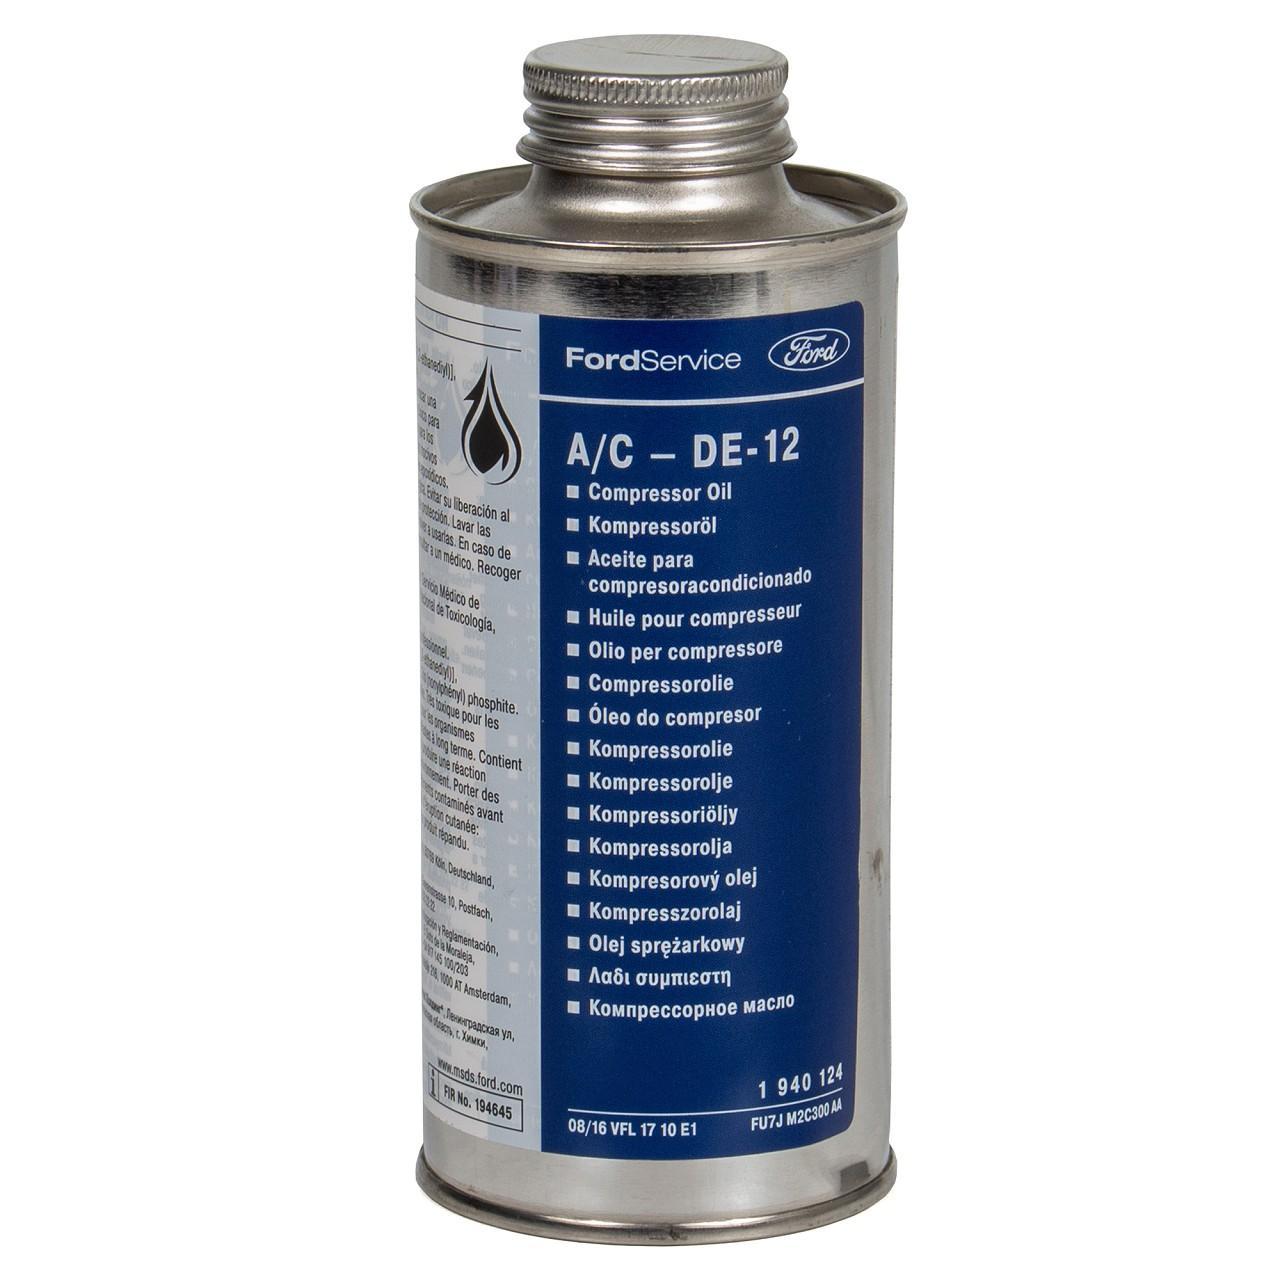 ORIGINAL Ford Kompressor-Öl Kompressoröl Kälteöl A/C DE-12 250ml 1940124